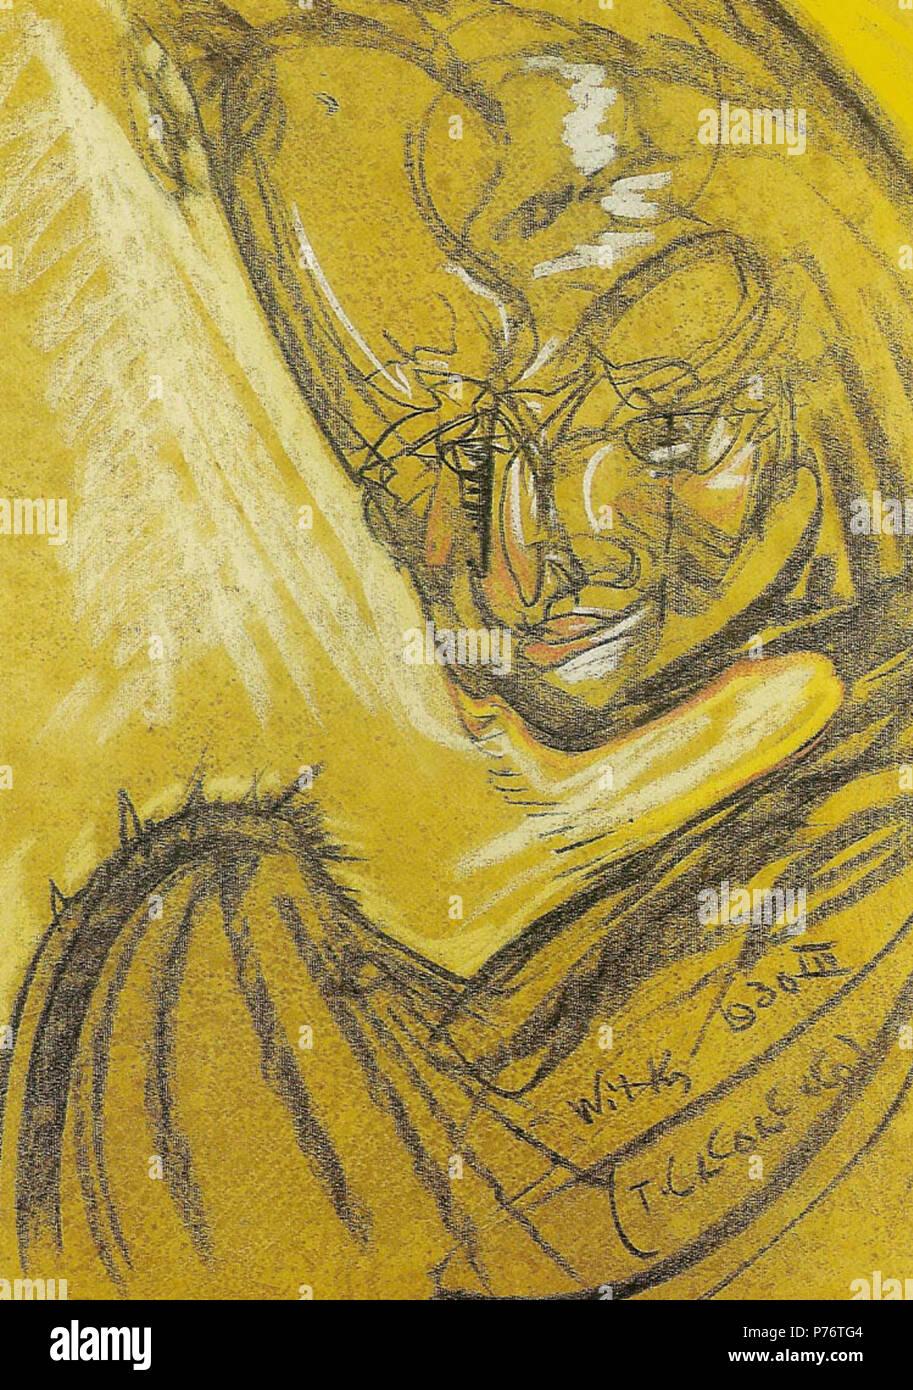 Polski: 'Portret Artura Schroedera', na papierze pastel, 63 x 48 cm, Muzeum rodkowego Supsk Pomorza, . Marzo 1930 3 Witkacy-Portret Artura Schroedera Foto de stock